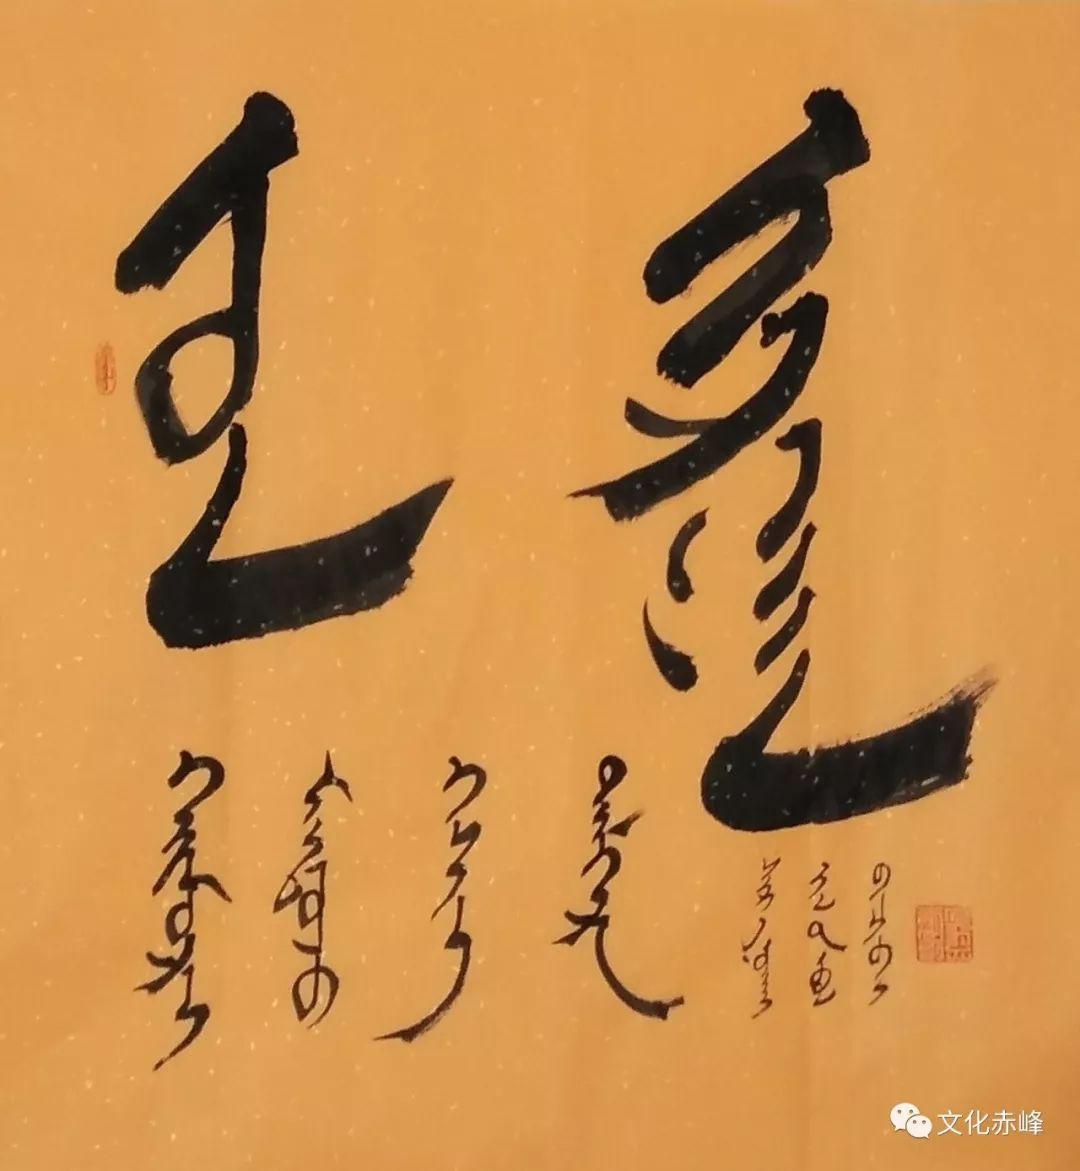 【文化赤峰】额尔敦巴图蒙古文书法作品欣赏! 第9张